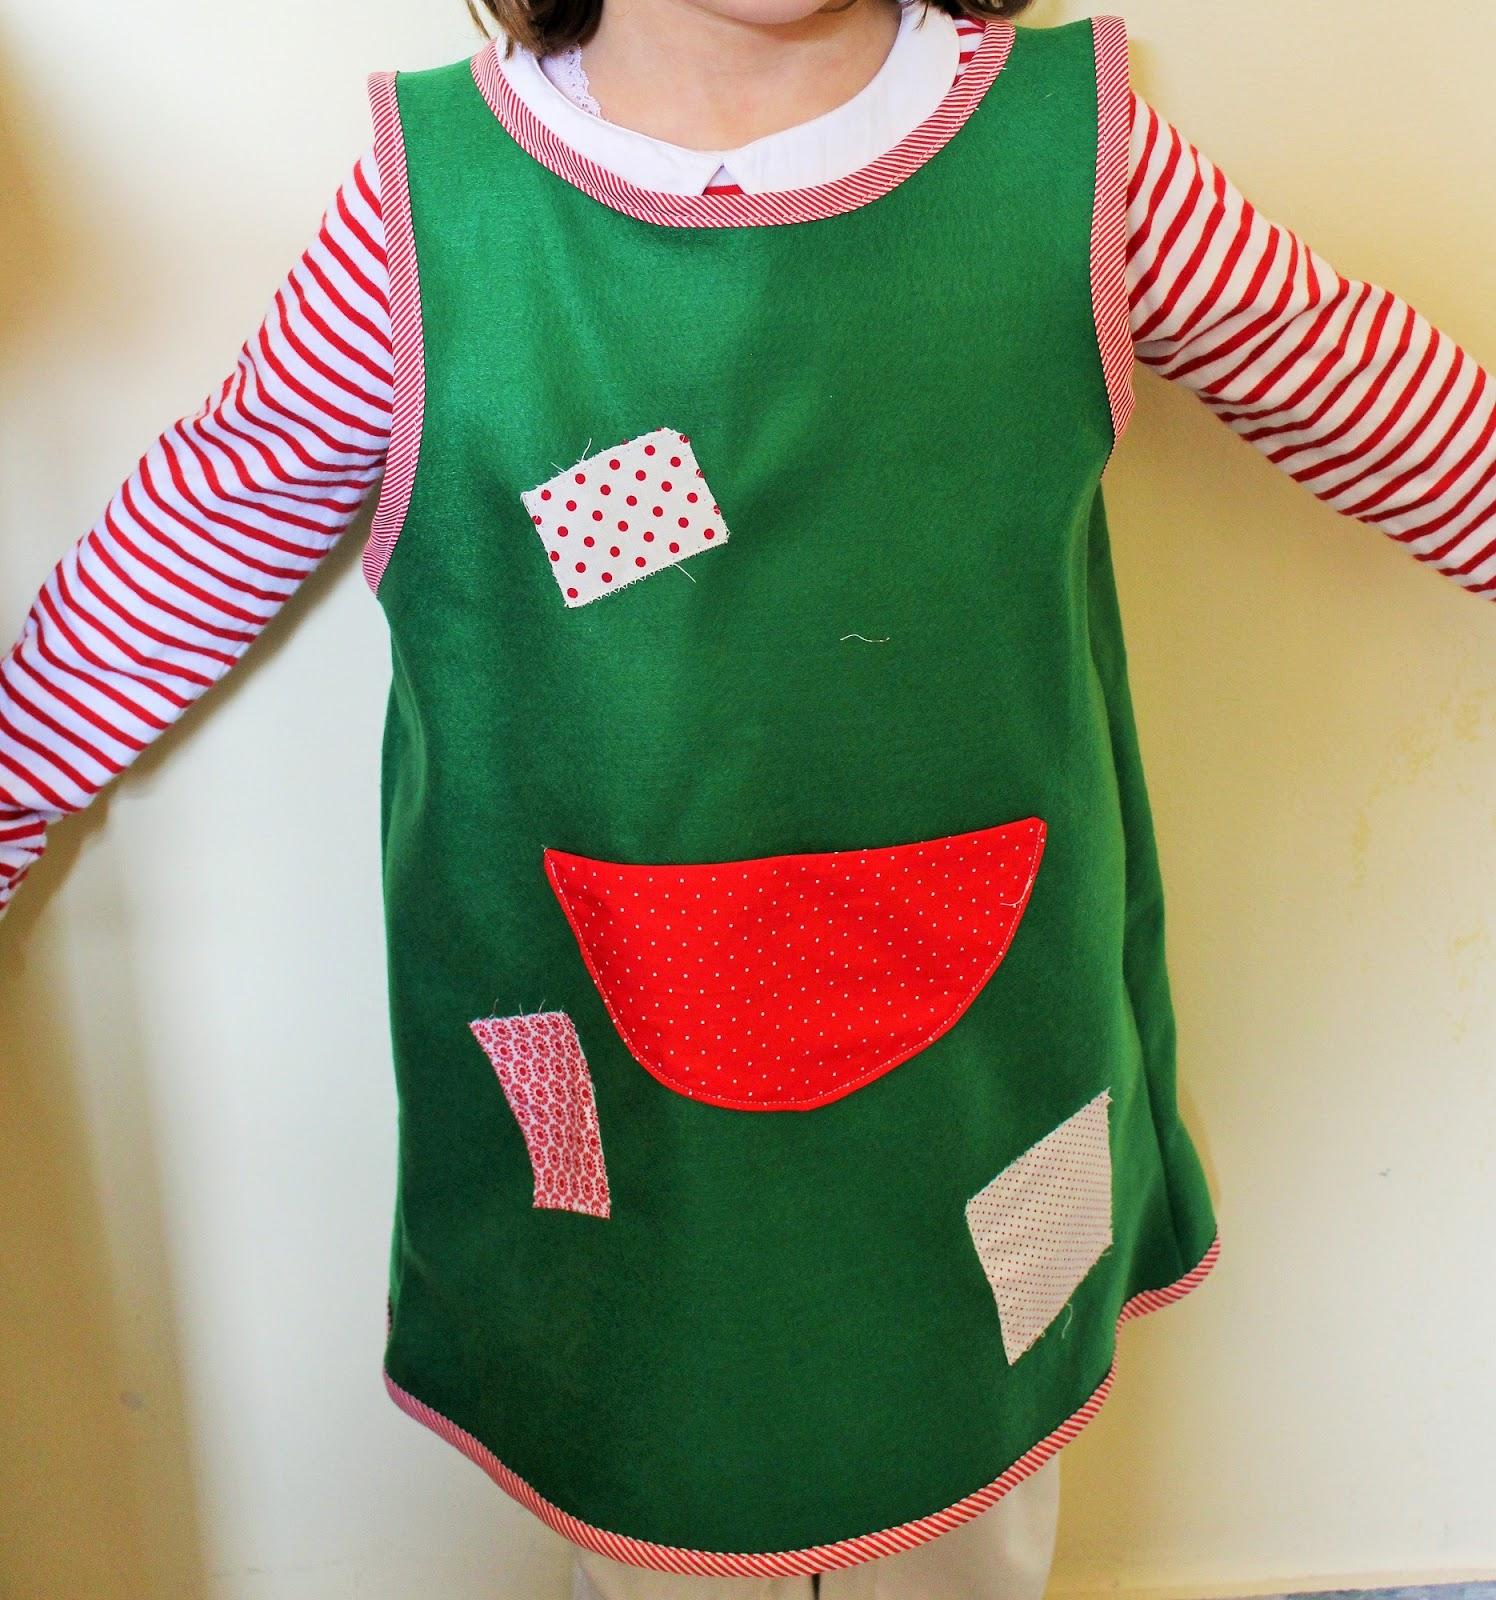 250bf47f7e09 Con pochi euro e in meno di mezz ora potrete trasformarla in una perfetta  Pippi Calzelunghe! Occorrente  Un vestito da usare come cartamodello.